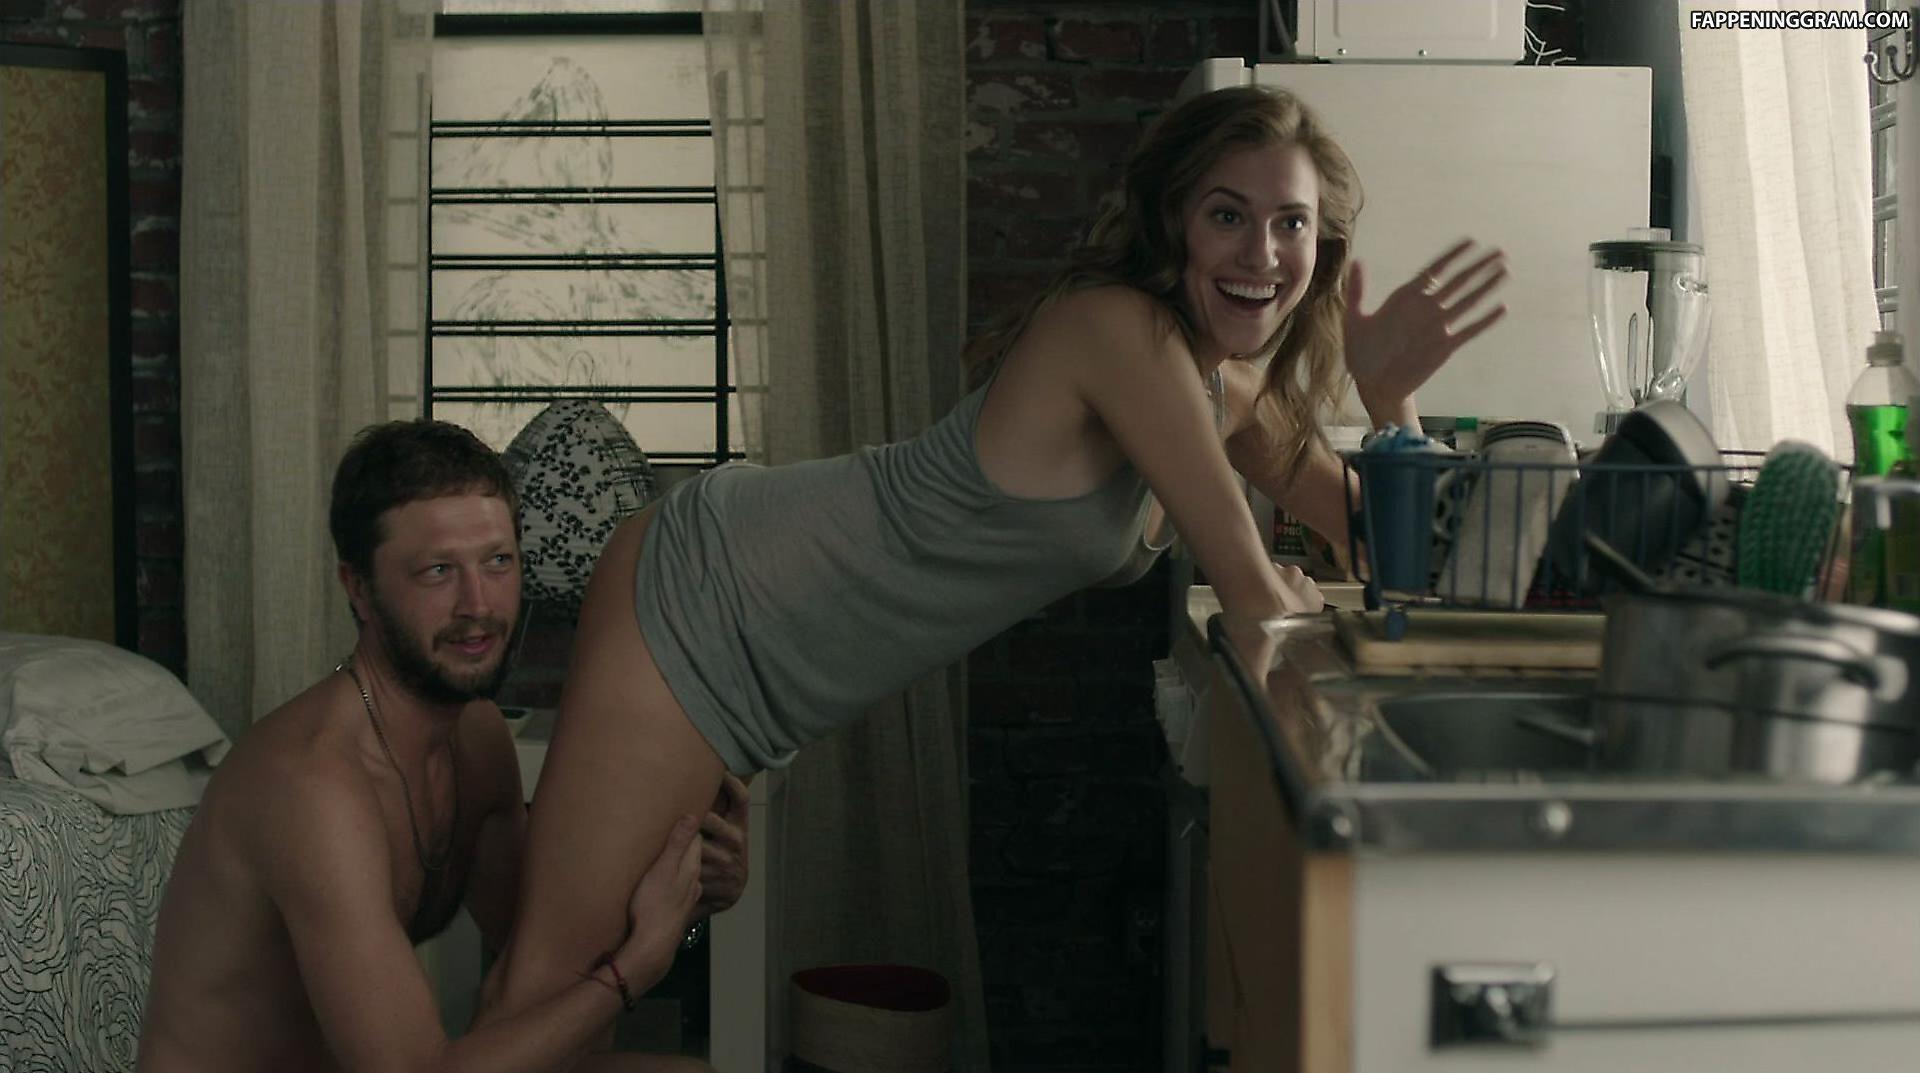 Nude Celeb Sex Scene